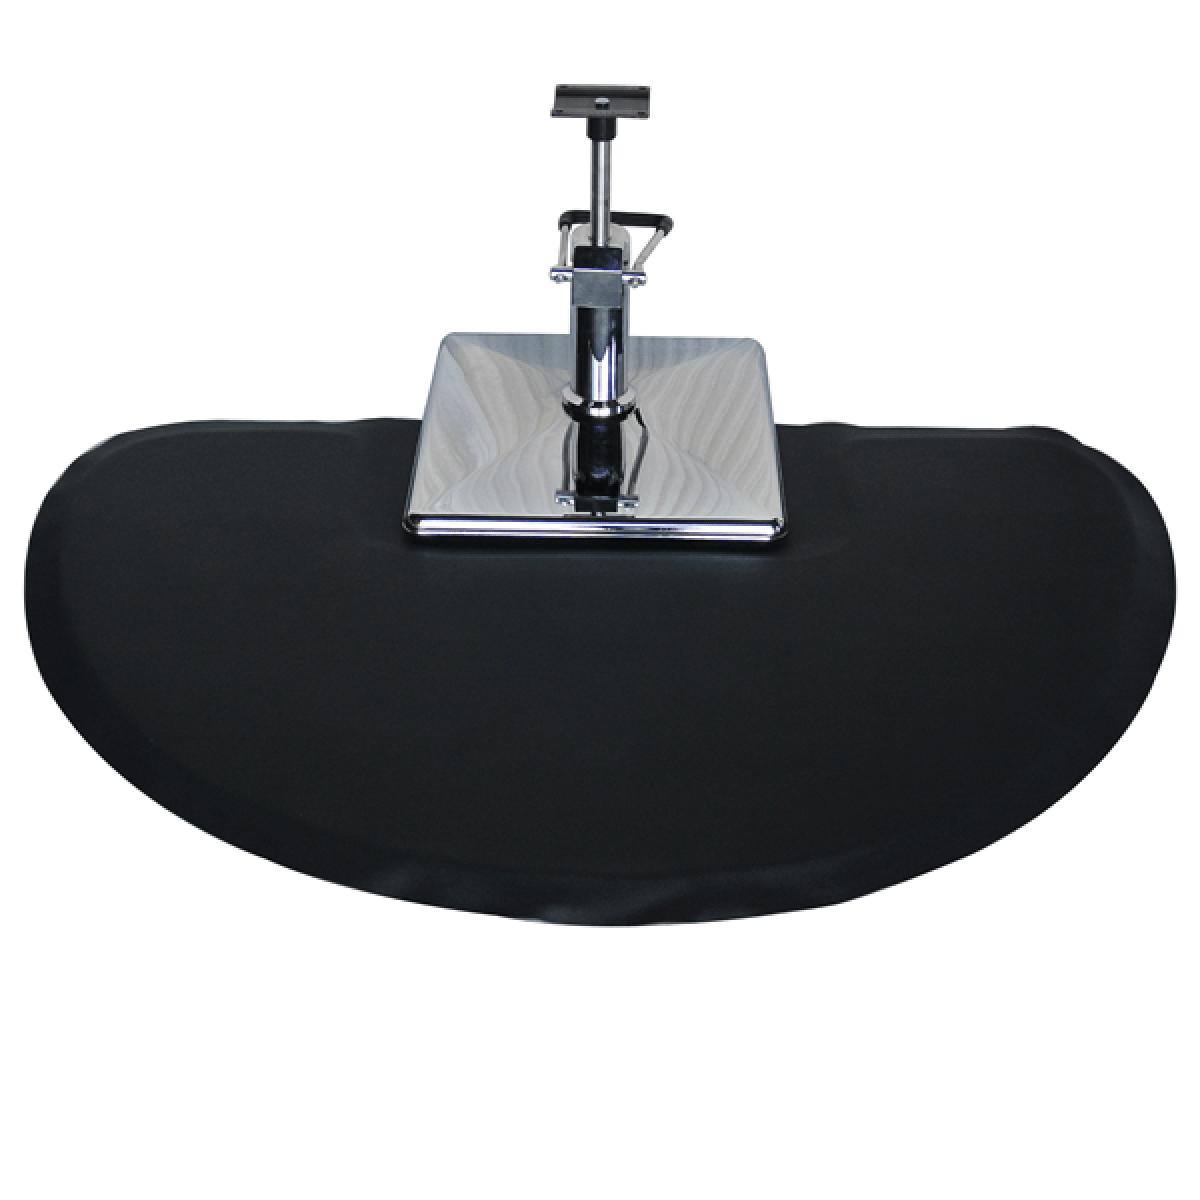 salon chair mat bean bag filler kmart round floor for square base